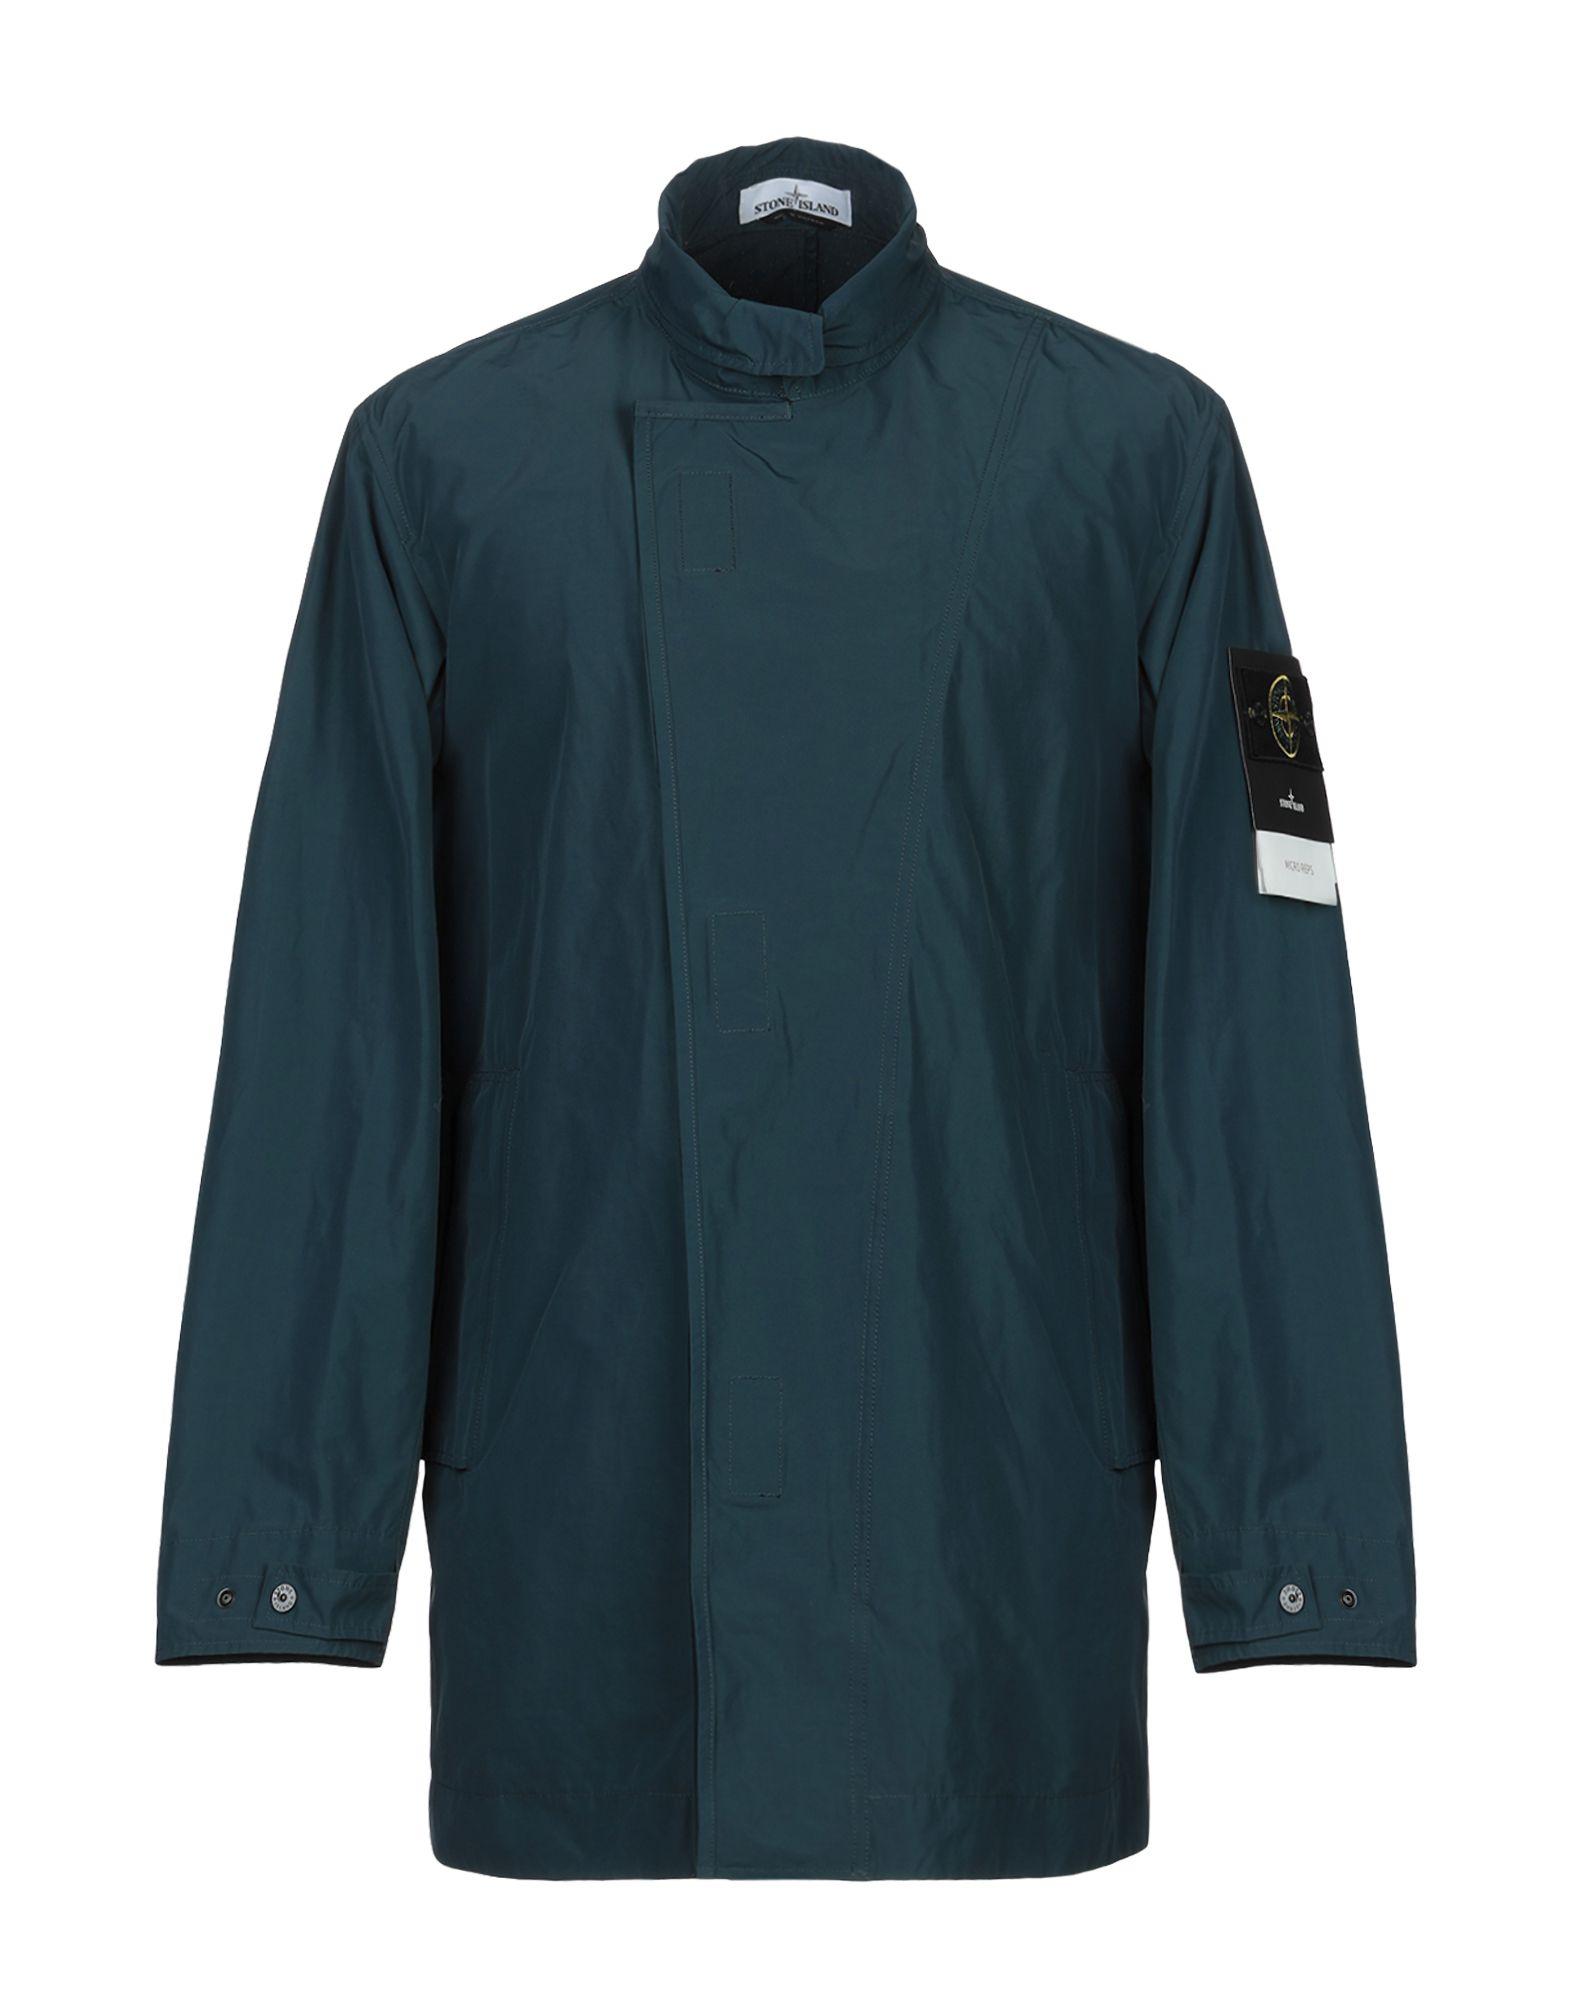 a7cae53e8d Stone Island Uomo - giacche, jeans e maglioni online su YOOX Italy